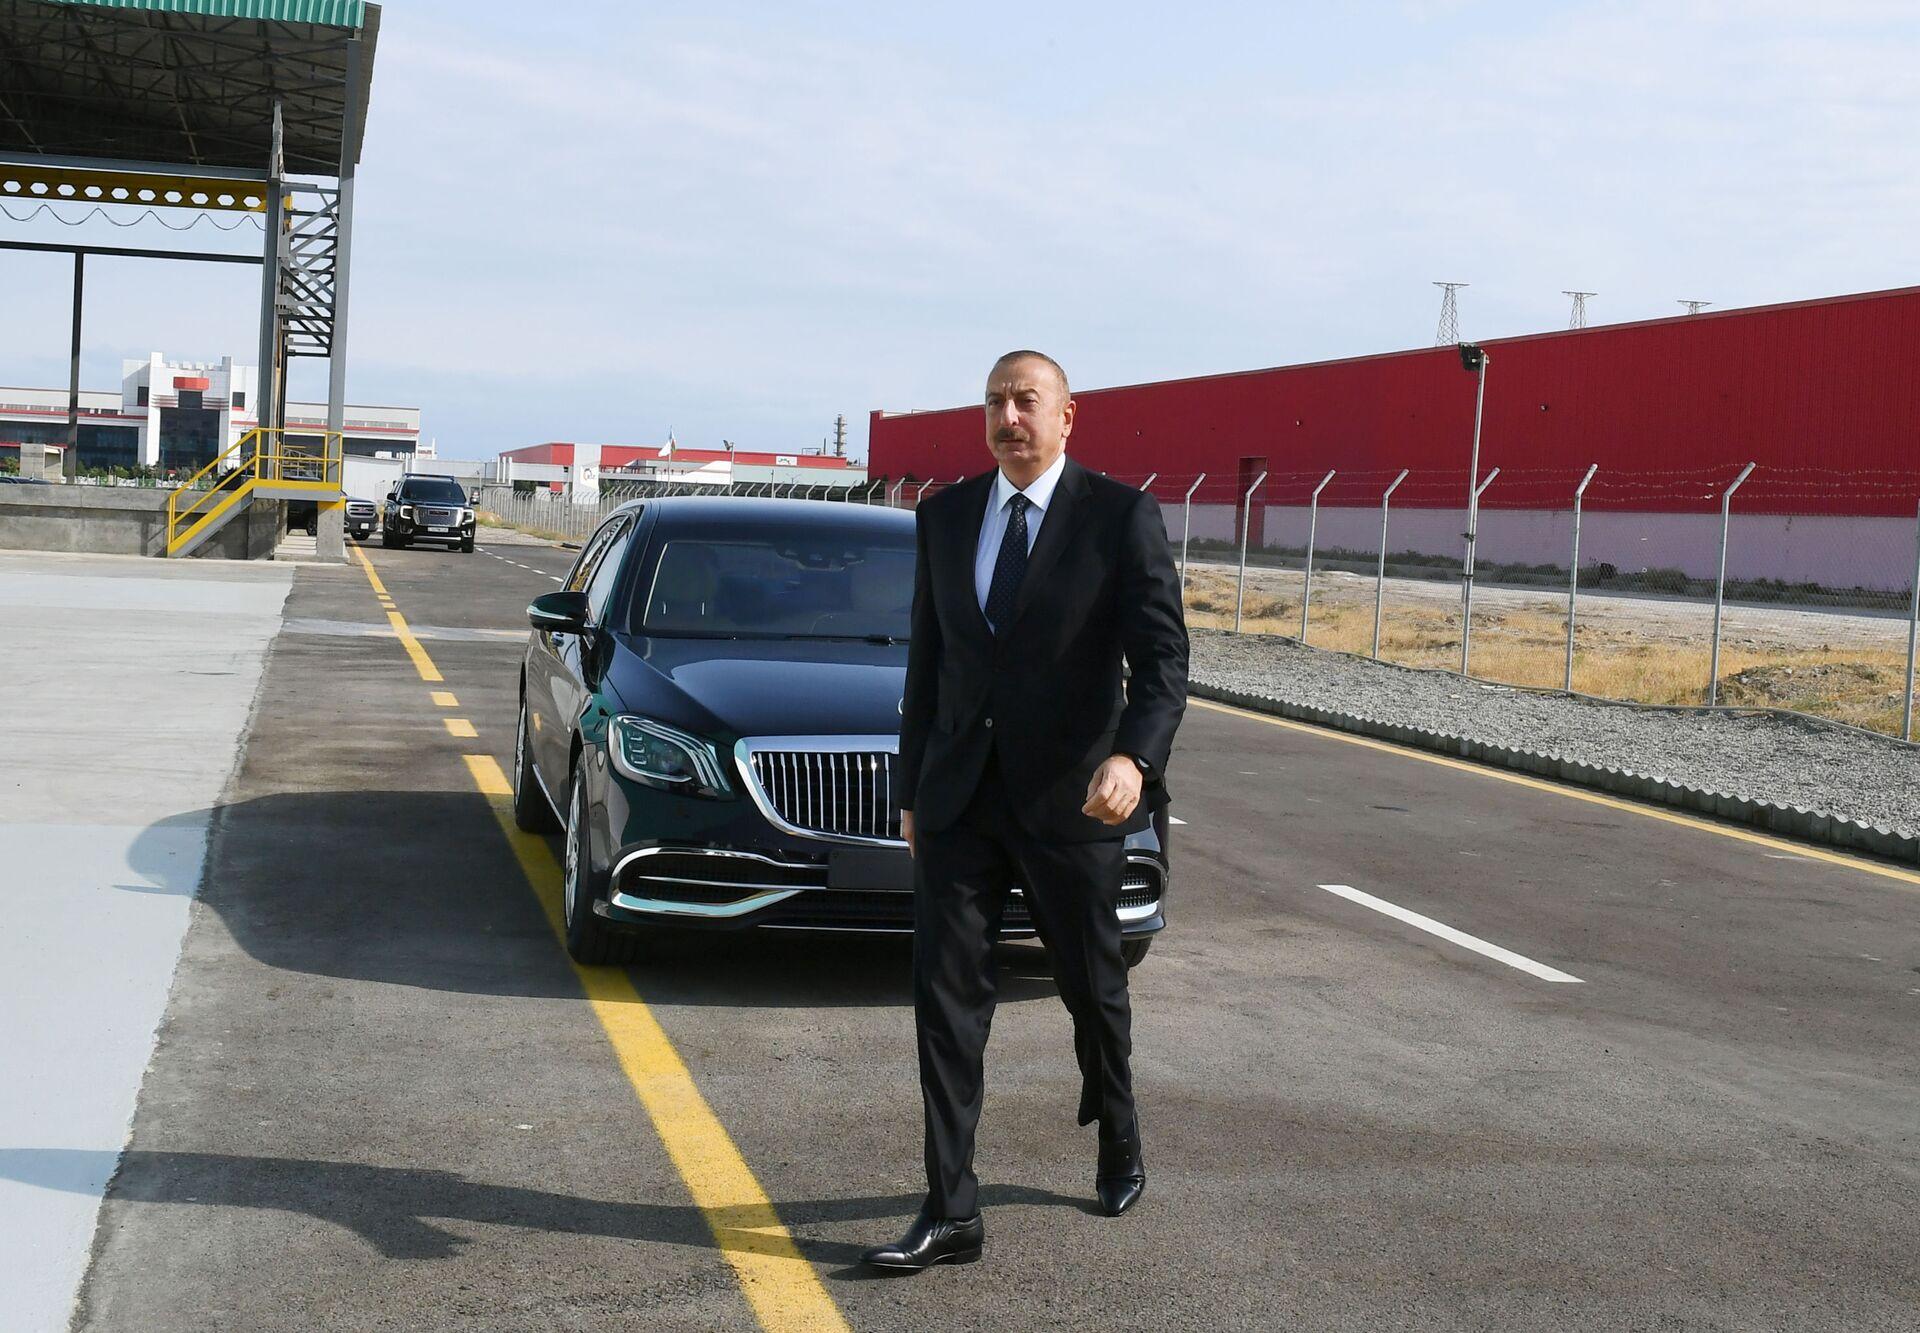 Президент Ильхам Алиев принял участие в открытии ООО Азмонбат в Сумгайытском химическом промышленном парке - Sputnik Азербайджан, 1920, 01.10.2021